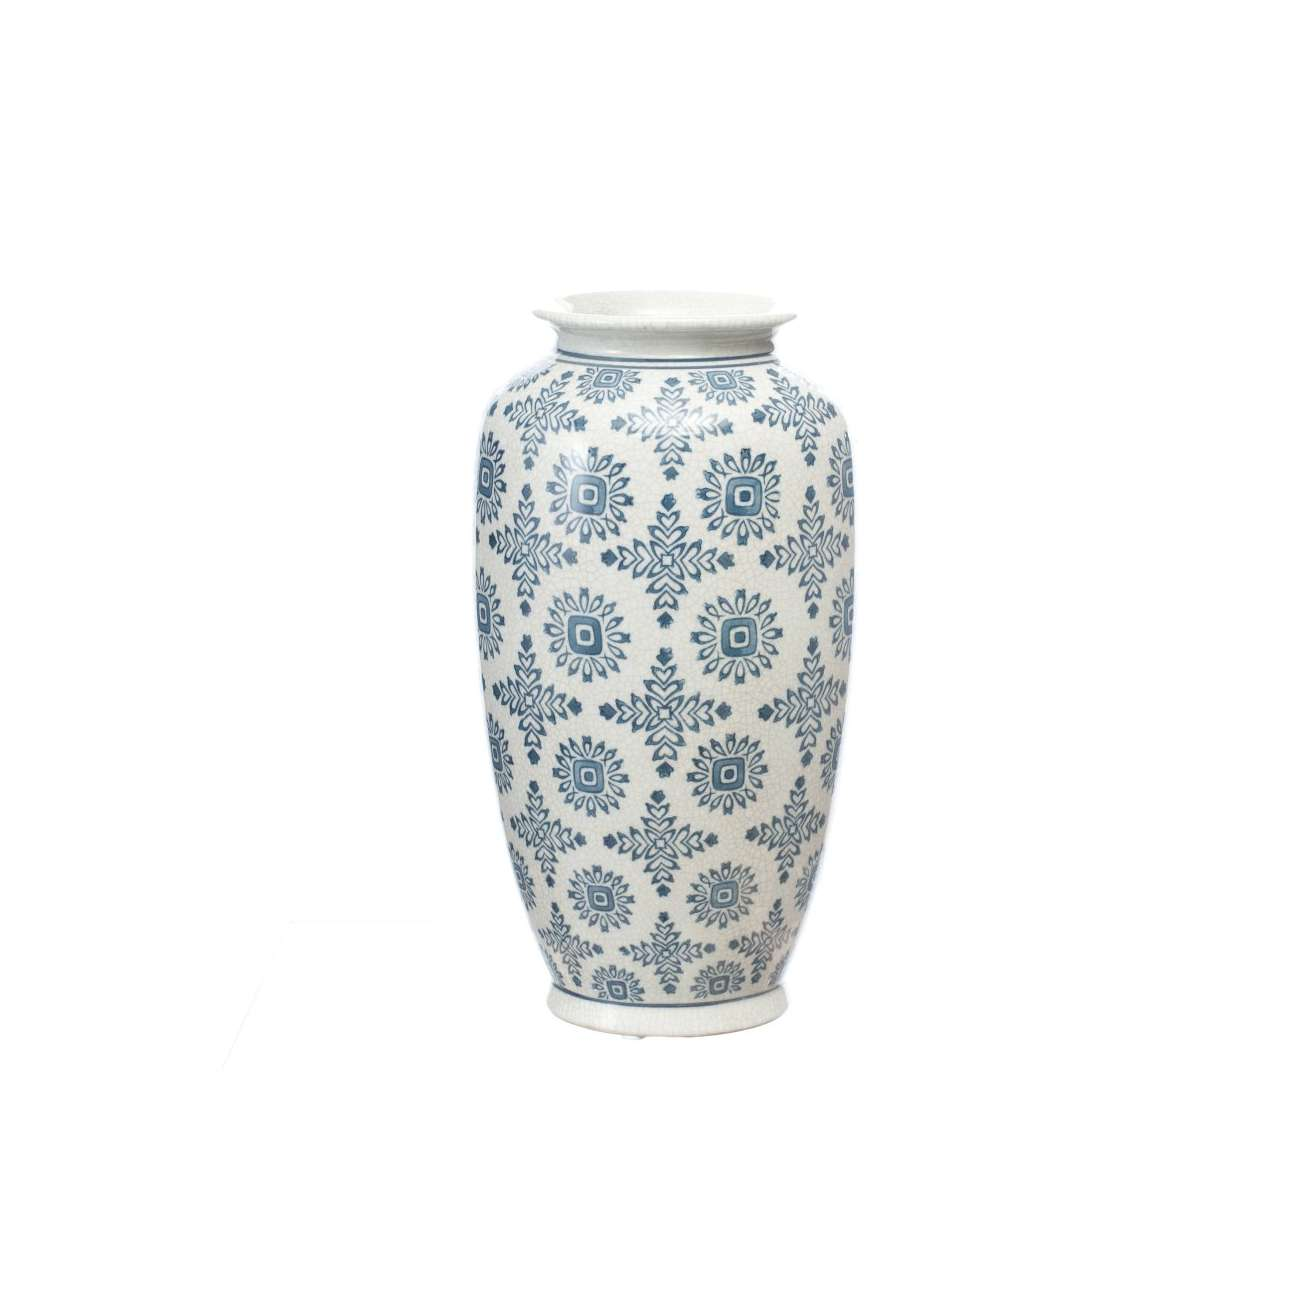 Váza keramická Kyoko výška 31cm, průměr 17cm